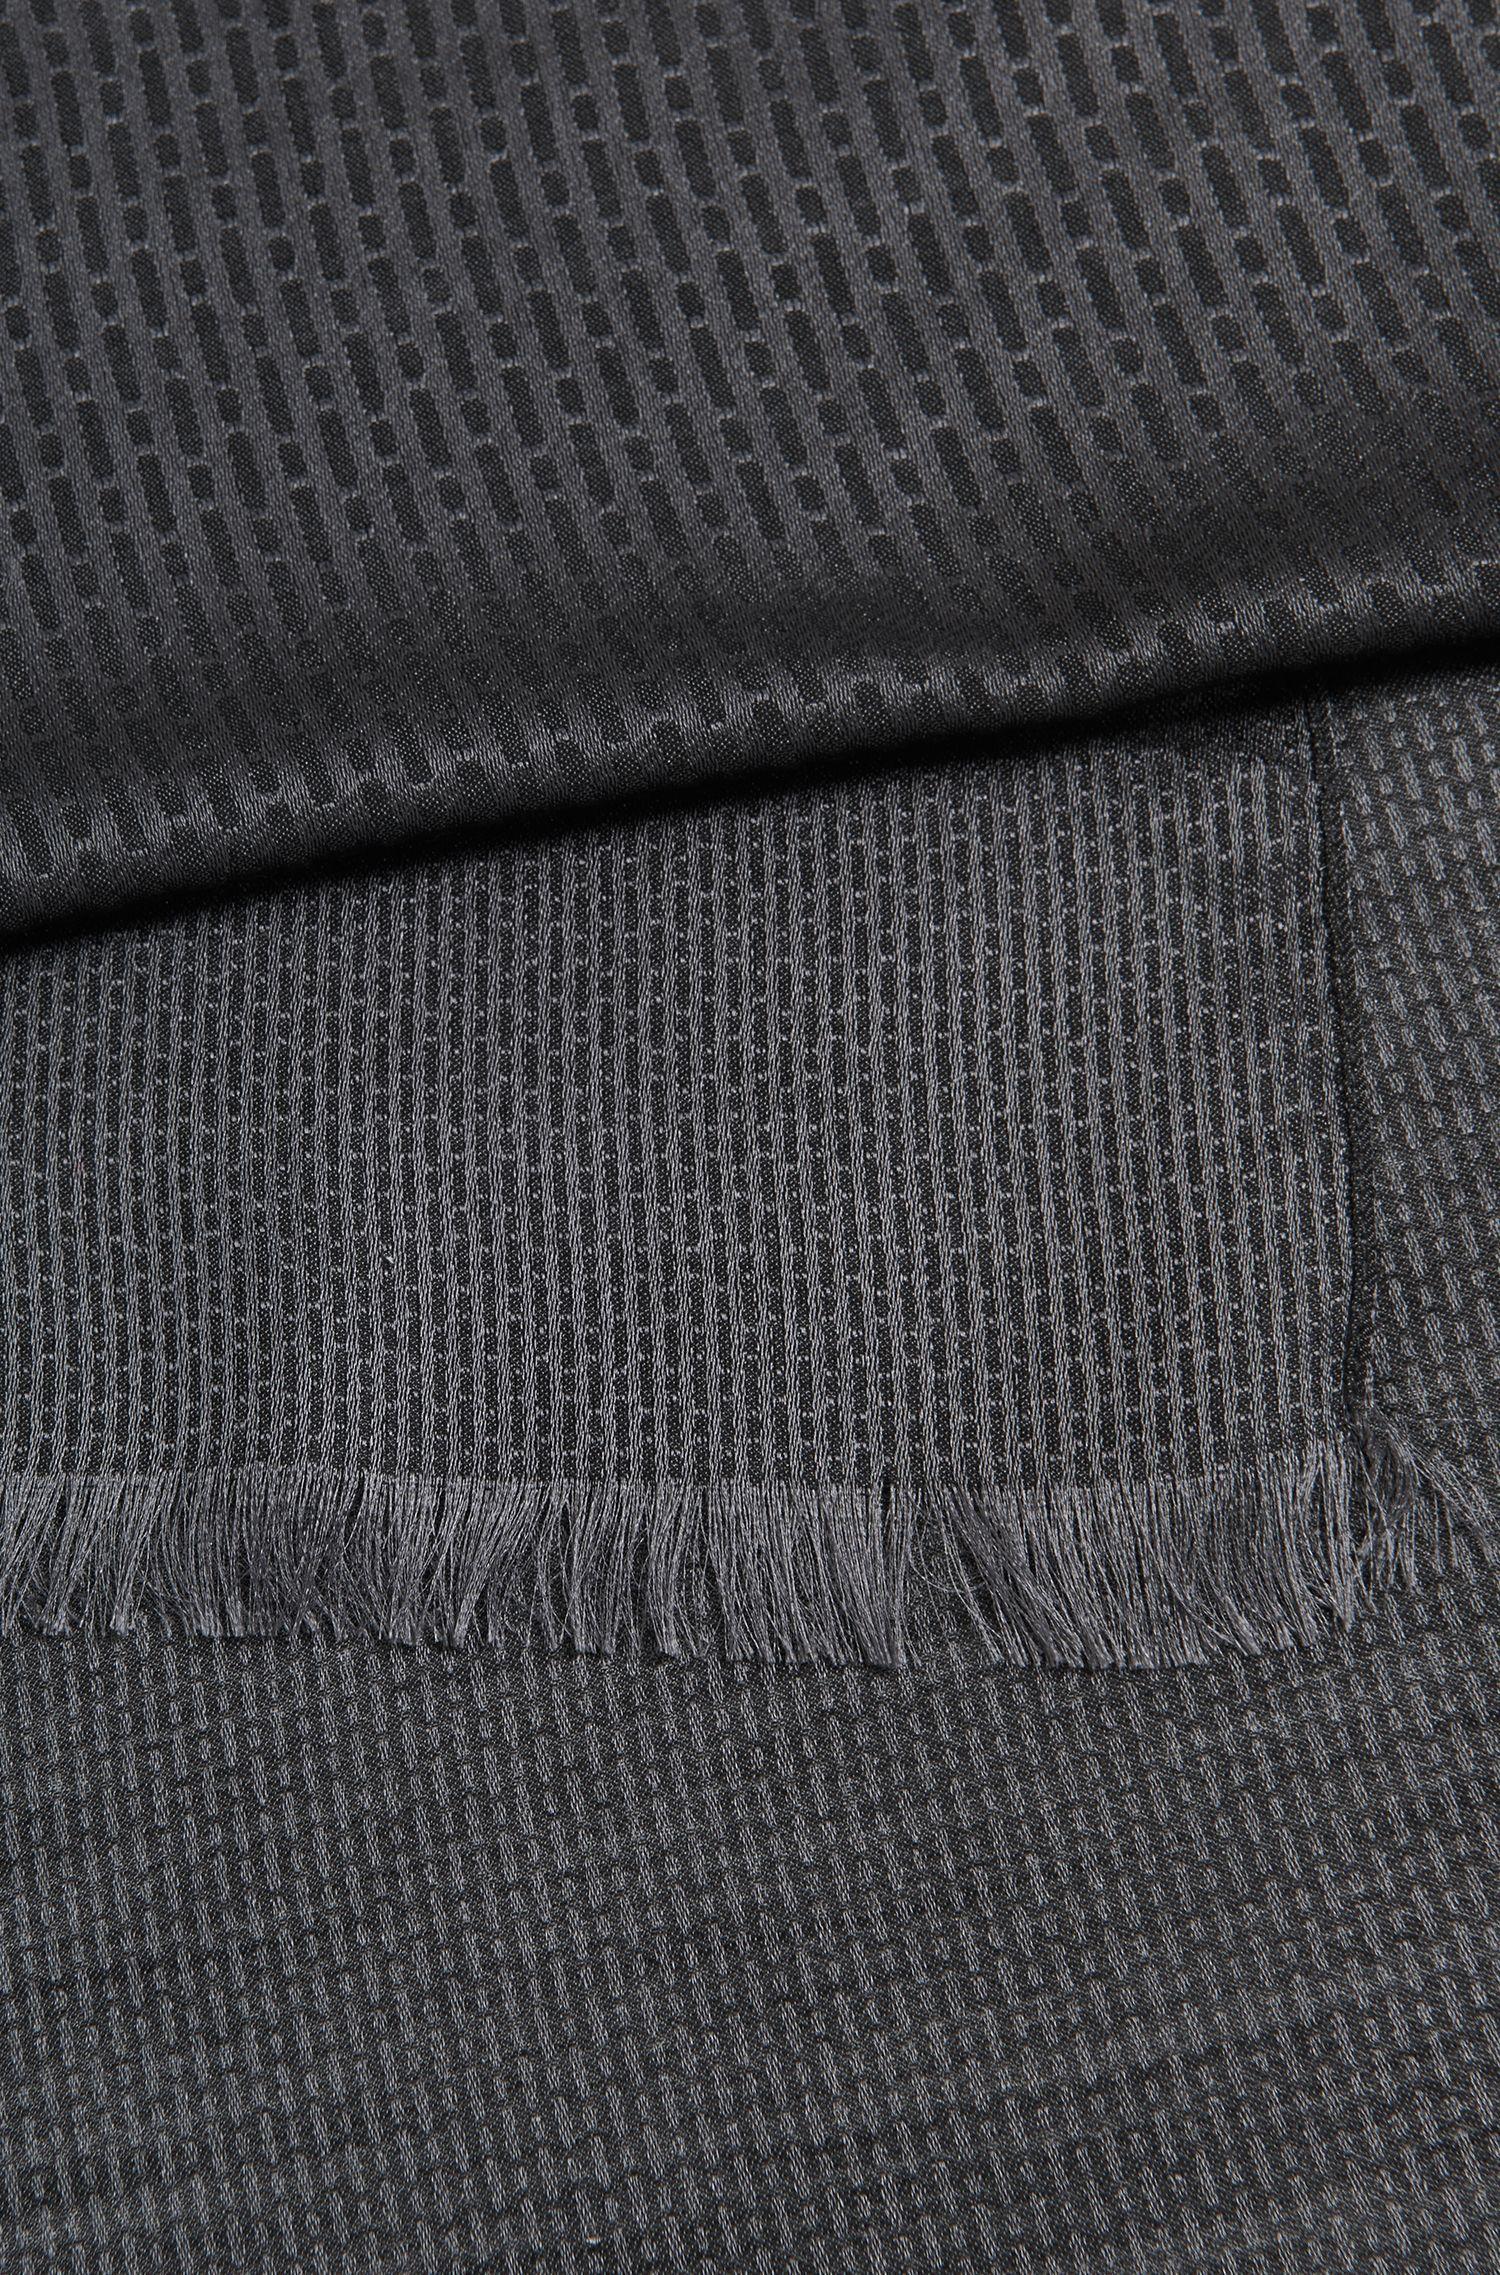 Sjaal in een jacquard van een lichte scheerwolmix, uit de Mercedes-Benz-collectie